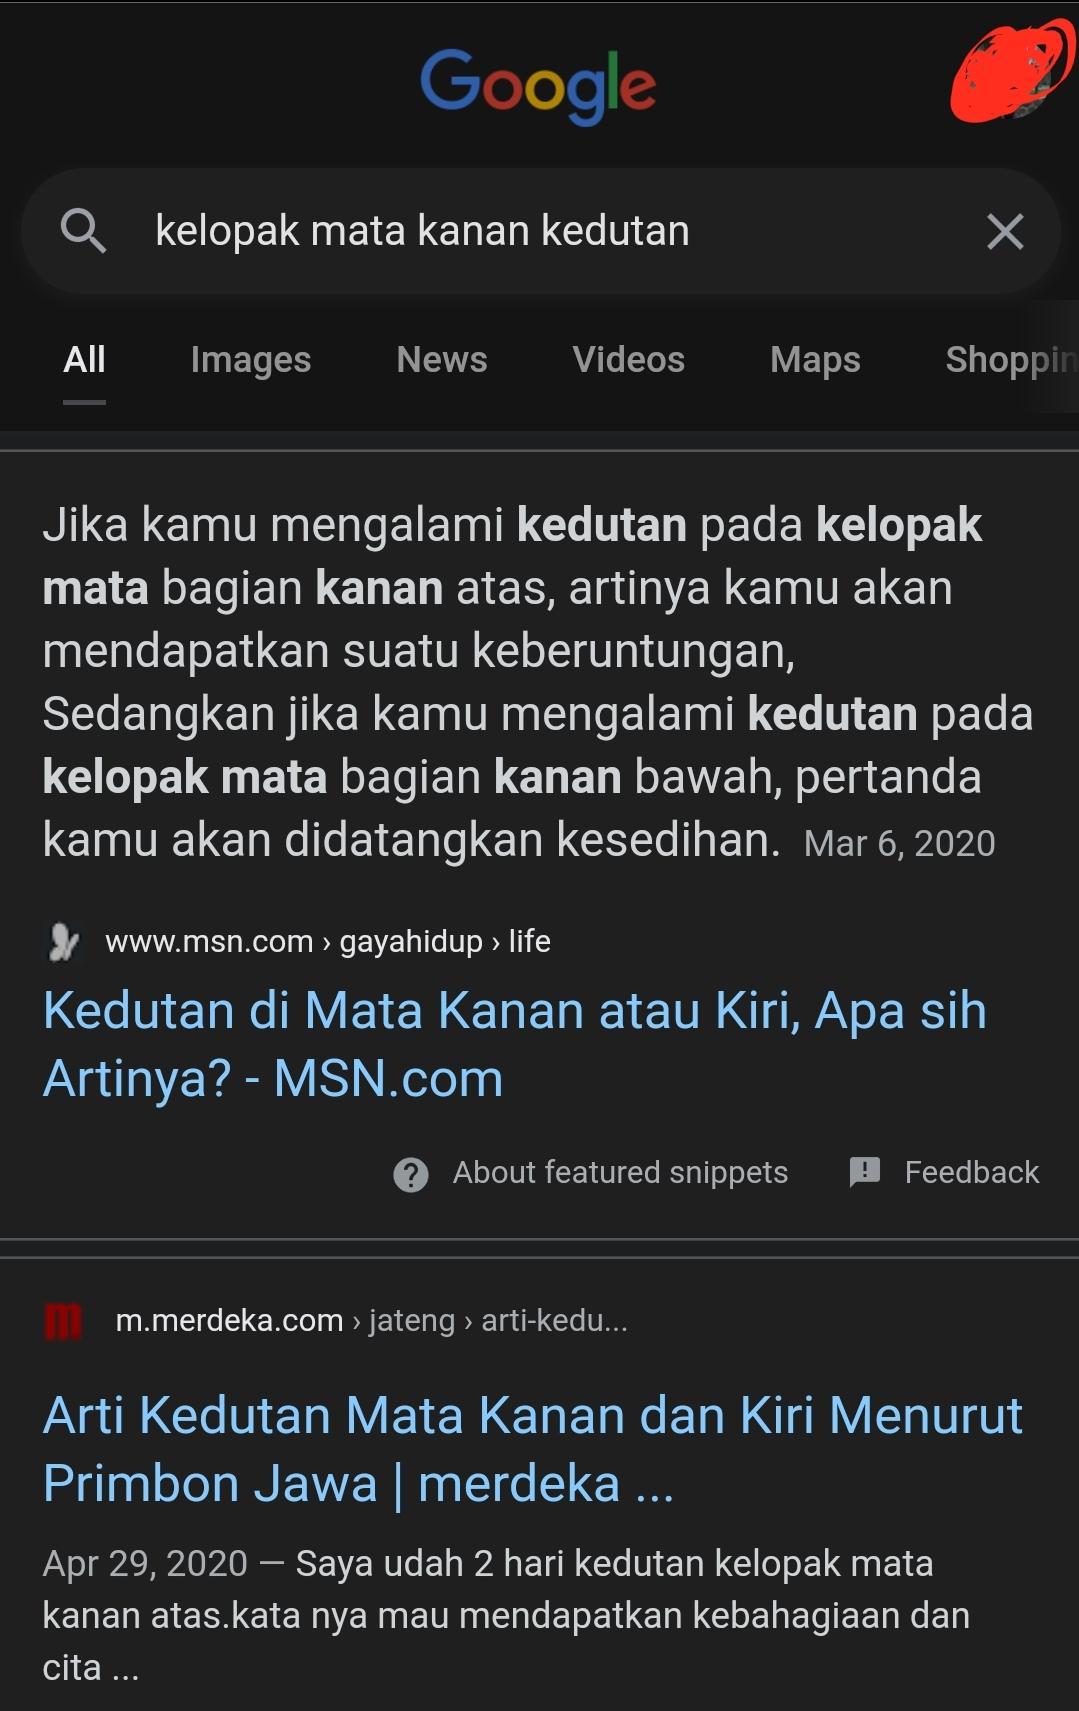 Arti Kedutan Kelopak Mata Kiri Bawah : kedutan, kelopak, bawah, Ingin, Kenapa, Kedutan,, Malah, Berujung, Indonesia